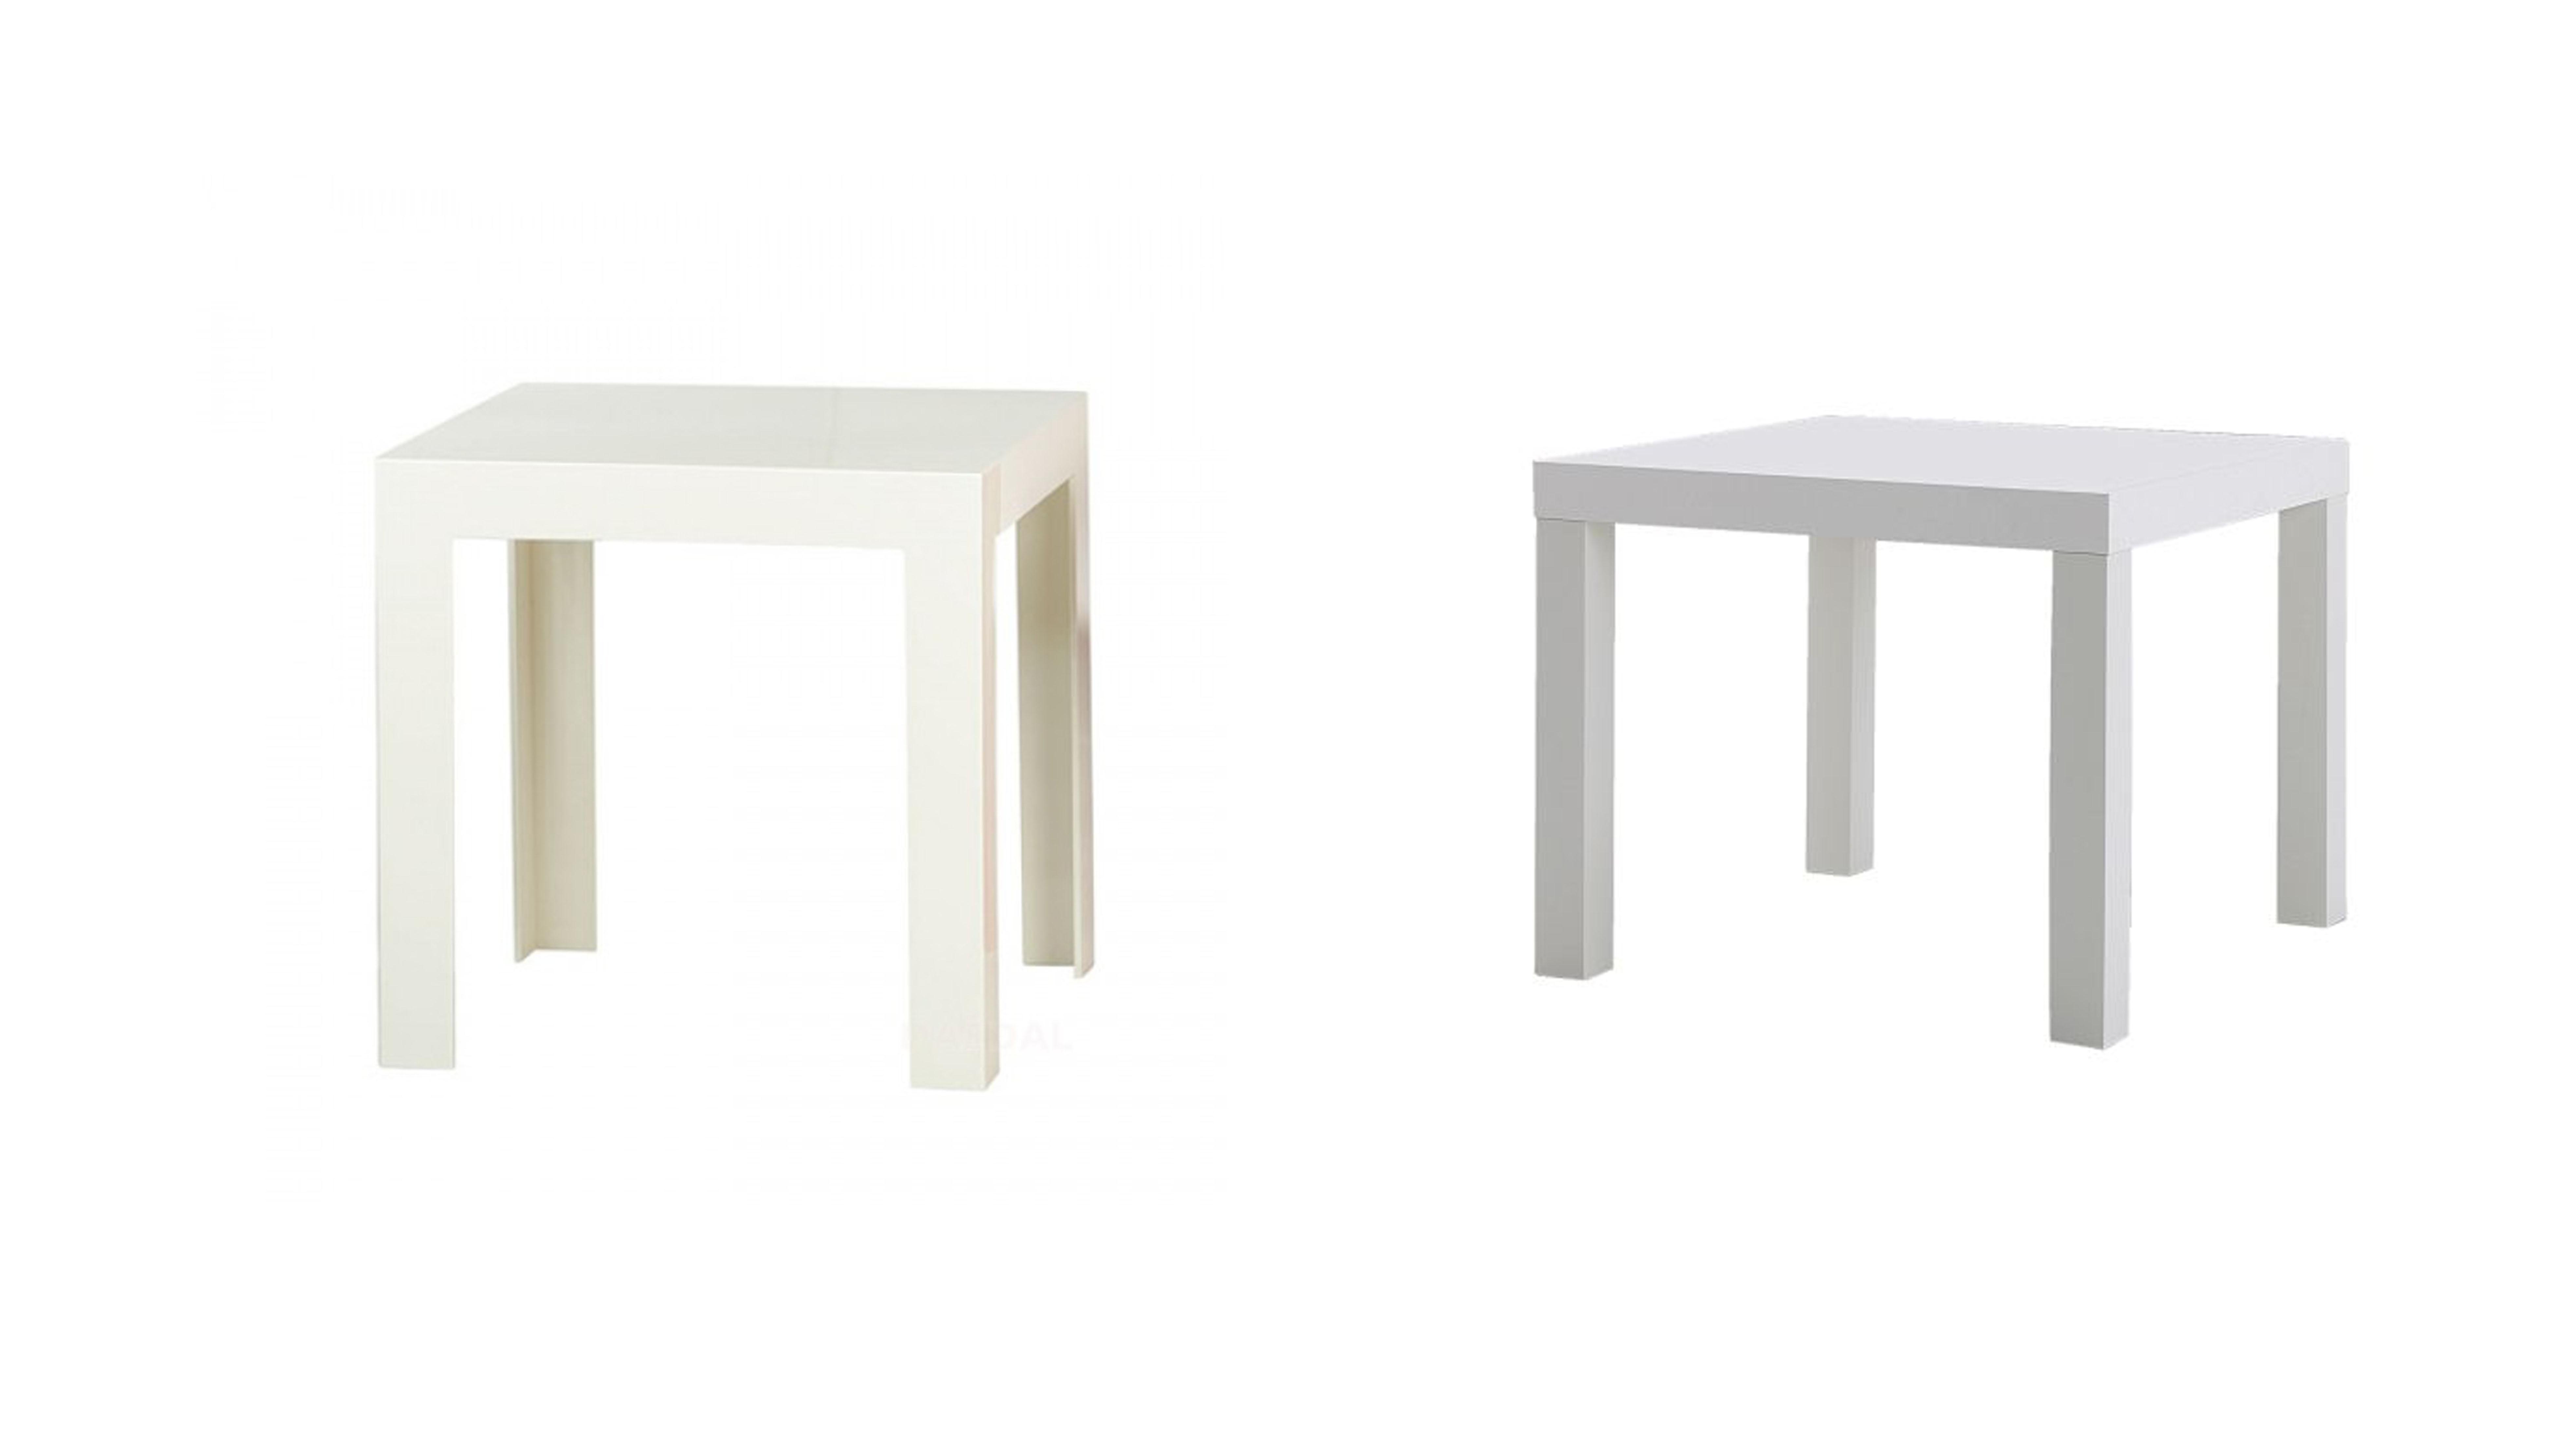 Petite Table Basse Pas Cher.Petite Table Basse Pas Cher Ikea Boutique Gain De Place Fr